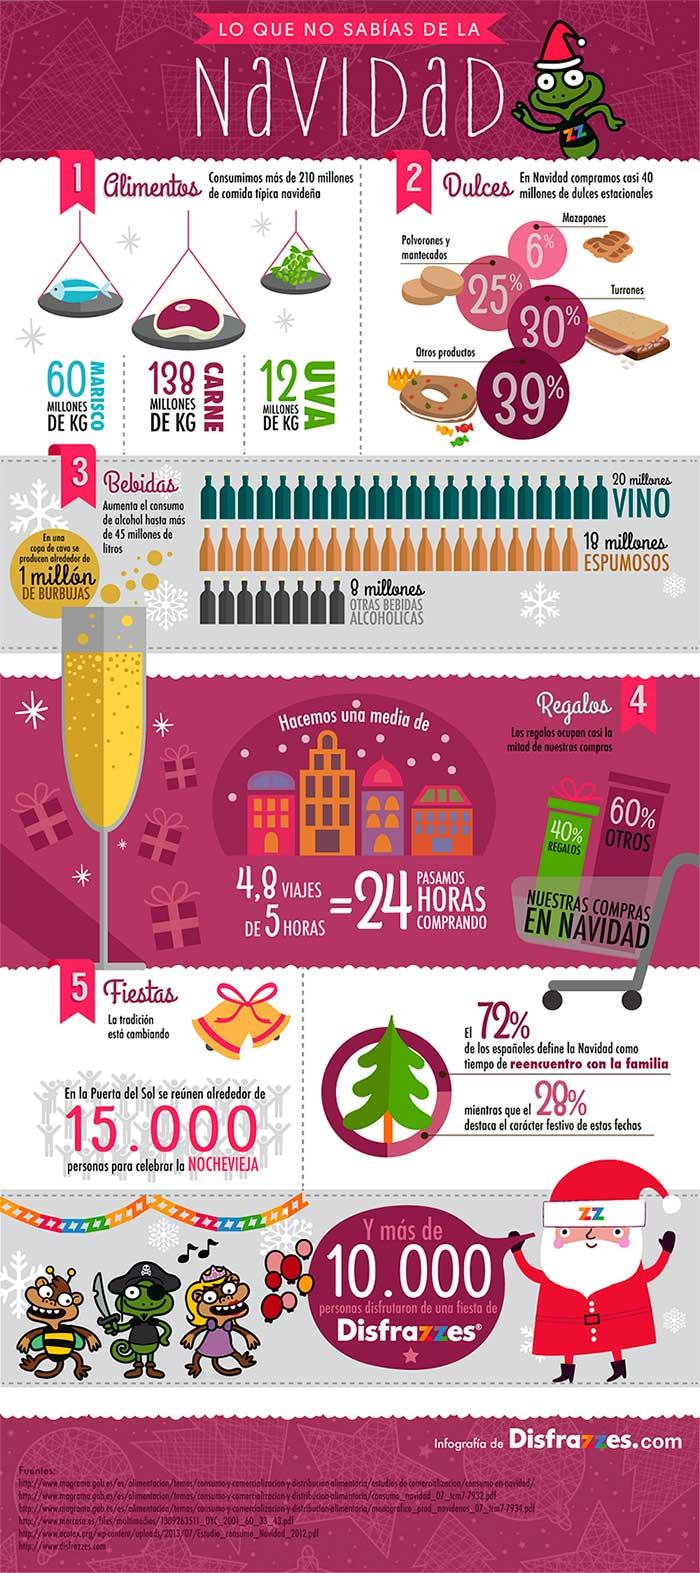 Infografia sobre datos de navidad